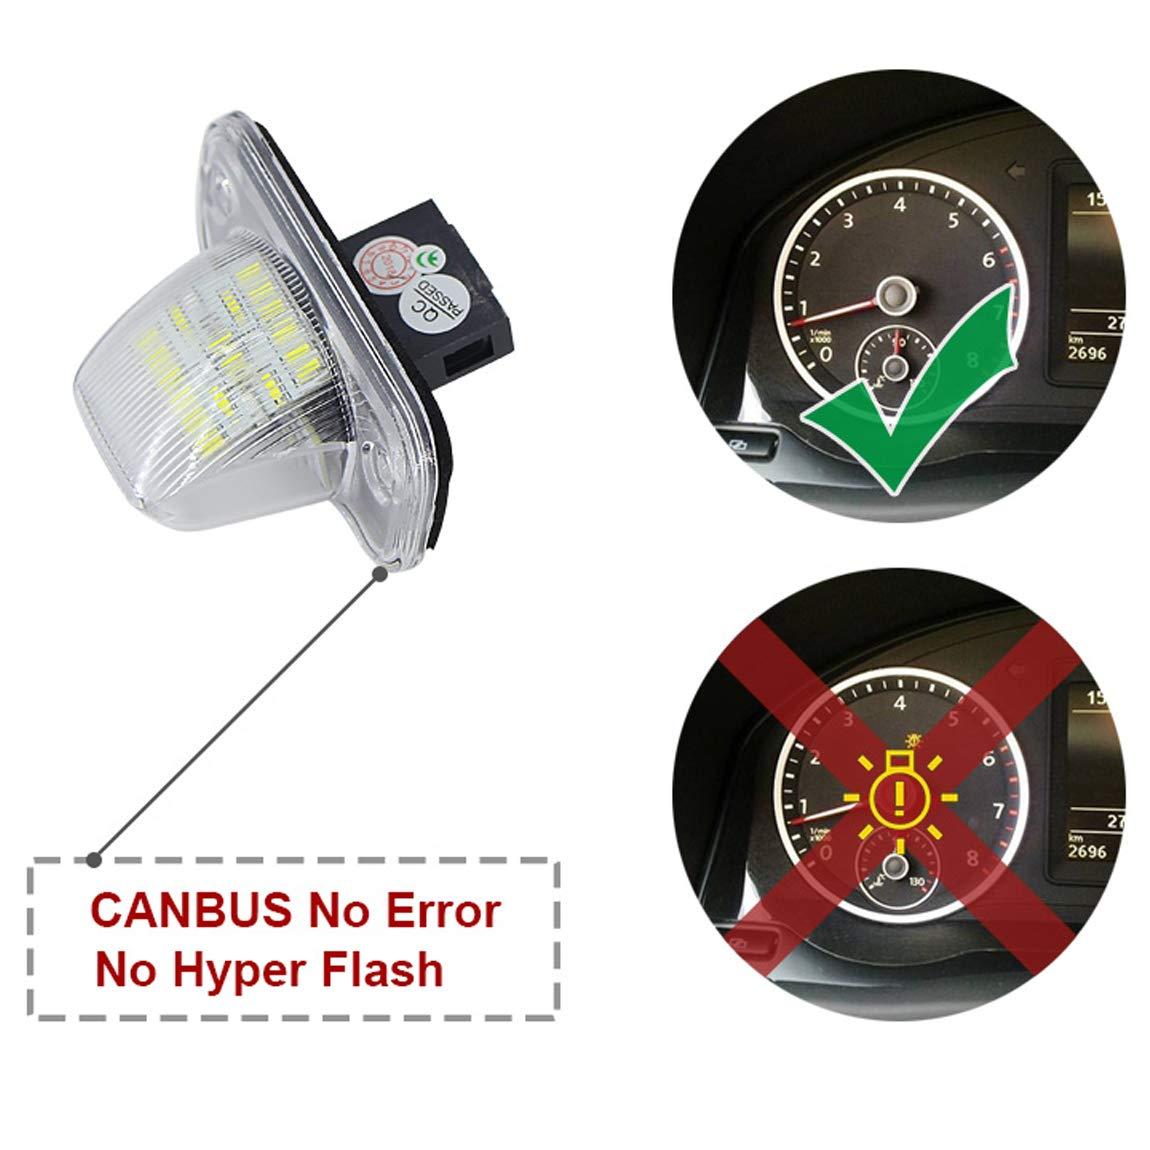 Canbus sans Erreur Blanc 6000K 18SMD LED Lumi/ère pour T4 Transporter 1990-2003 Passat B5 Limousine Caddy Jetta Syncro VIGORFLYRUN PARTS LTD 2Pcs LED Lumi/ère de Plaque dimmatriculation